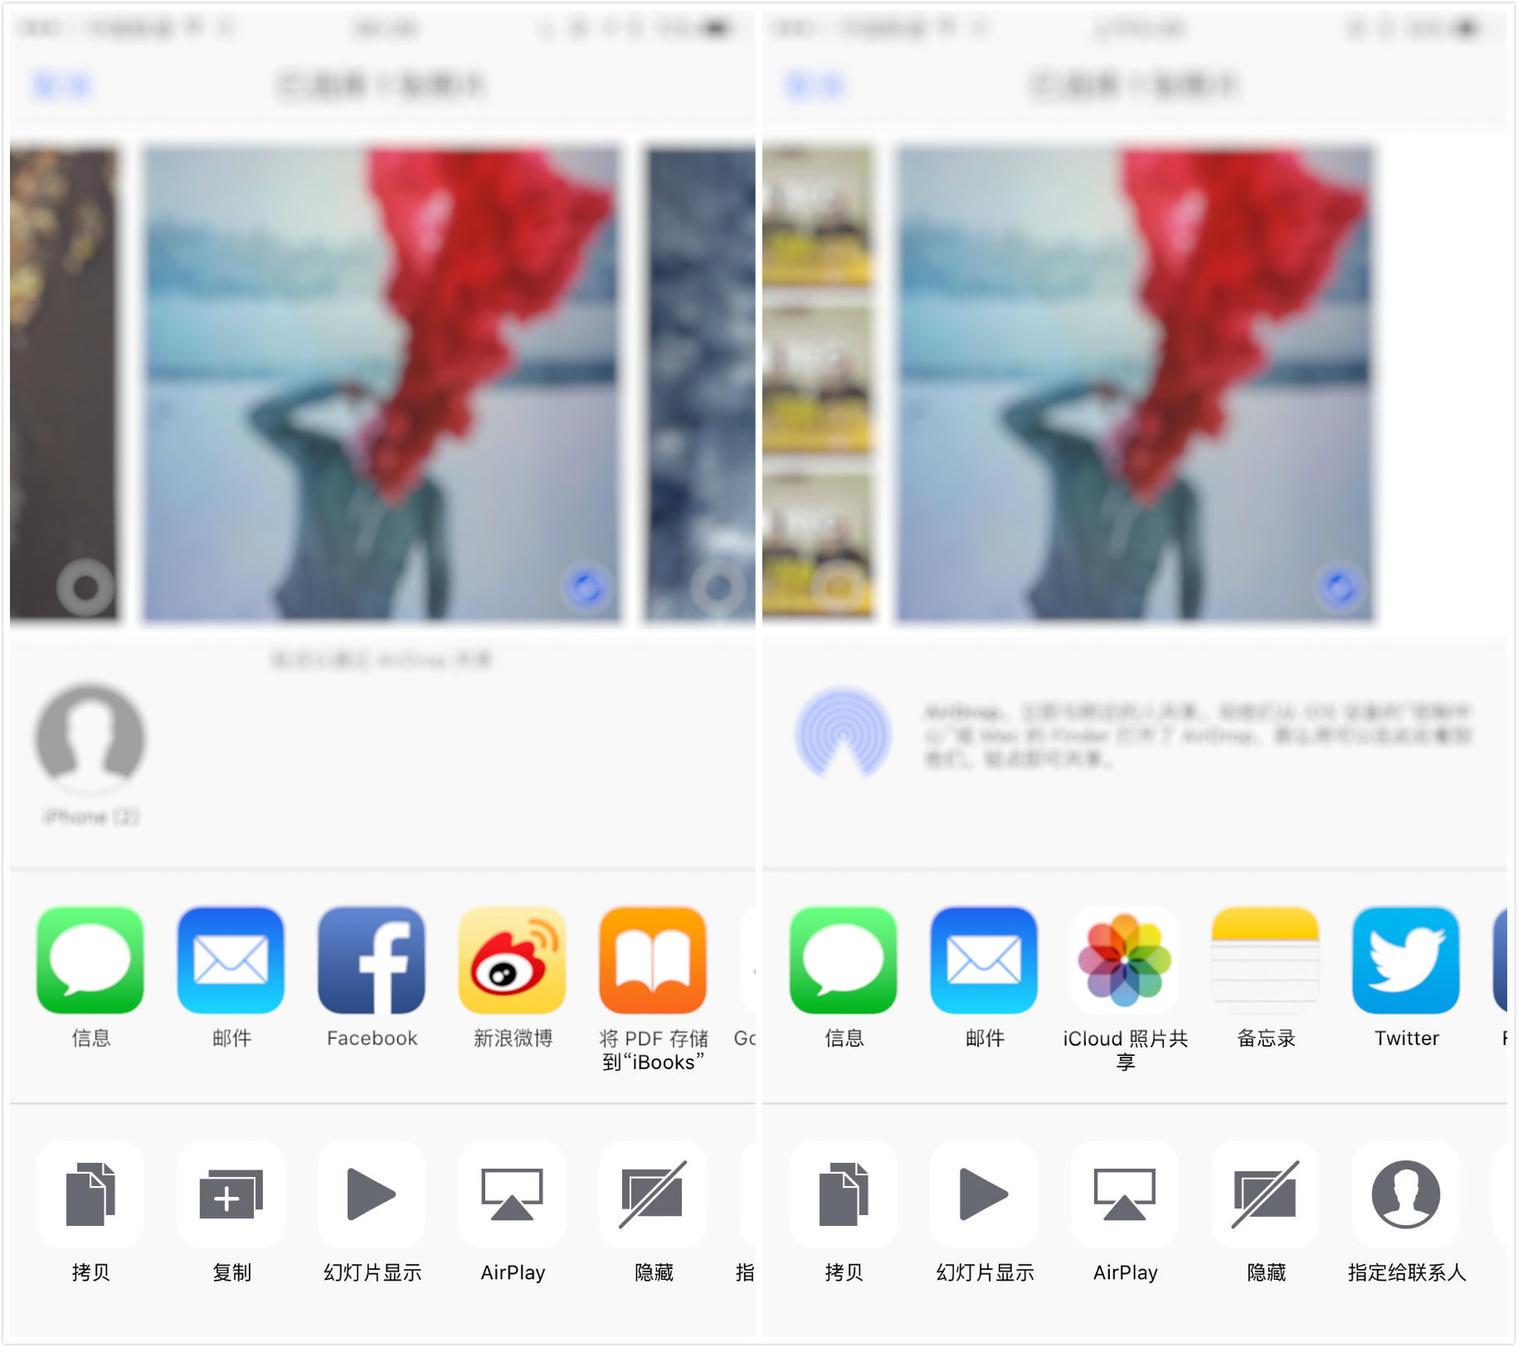 iOS 9.3 正式推送 新增夜间模式、备忘录加密-芊雅企服